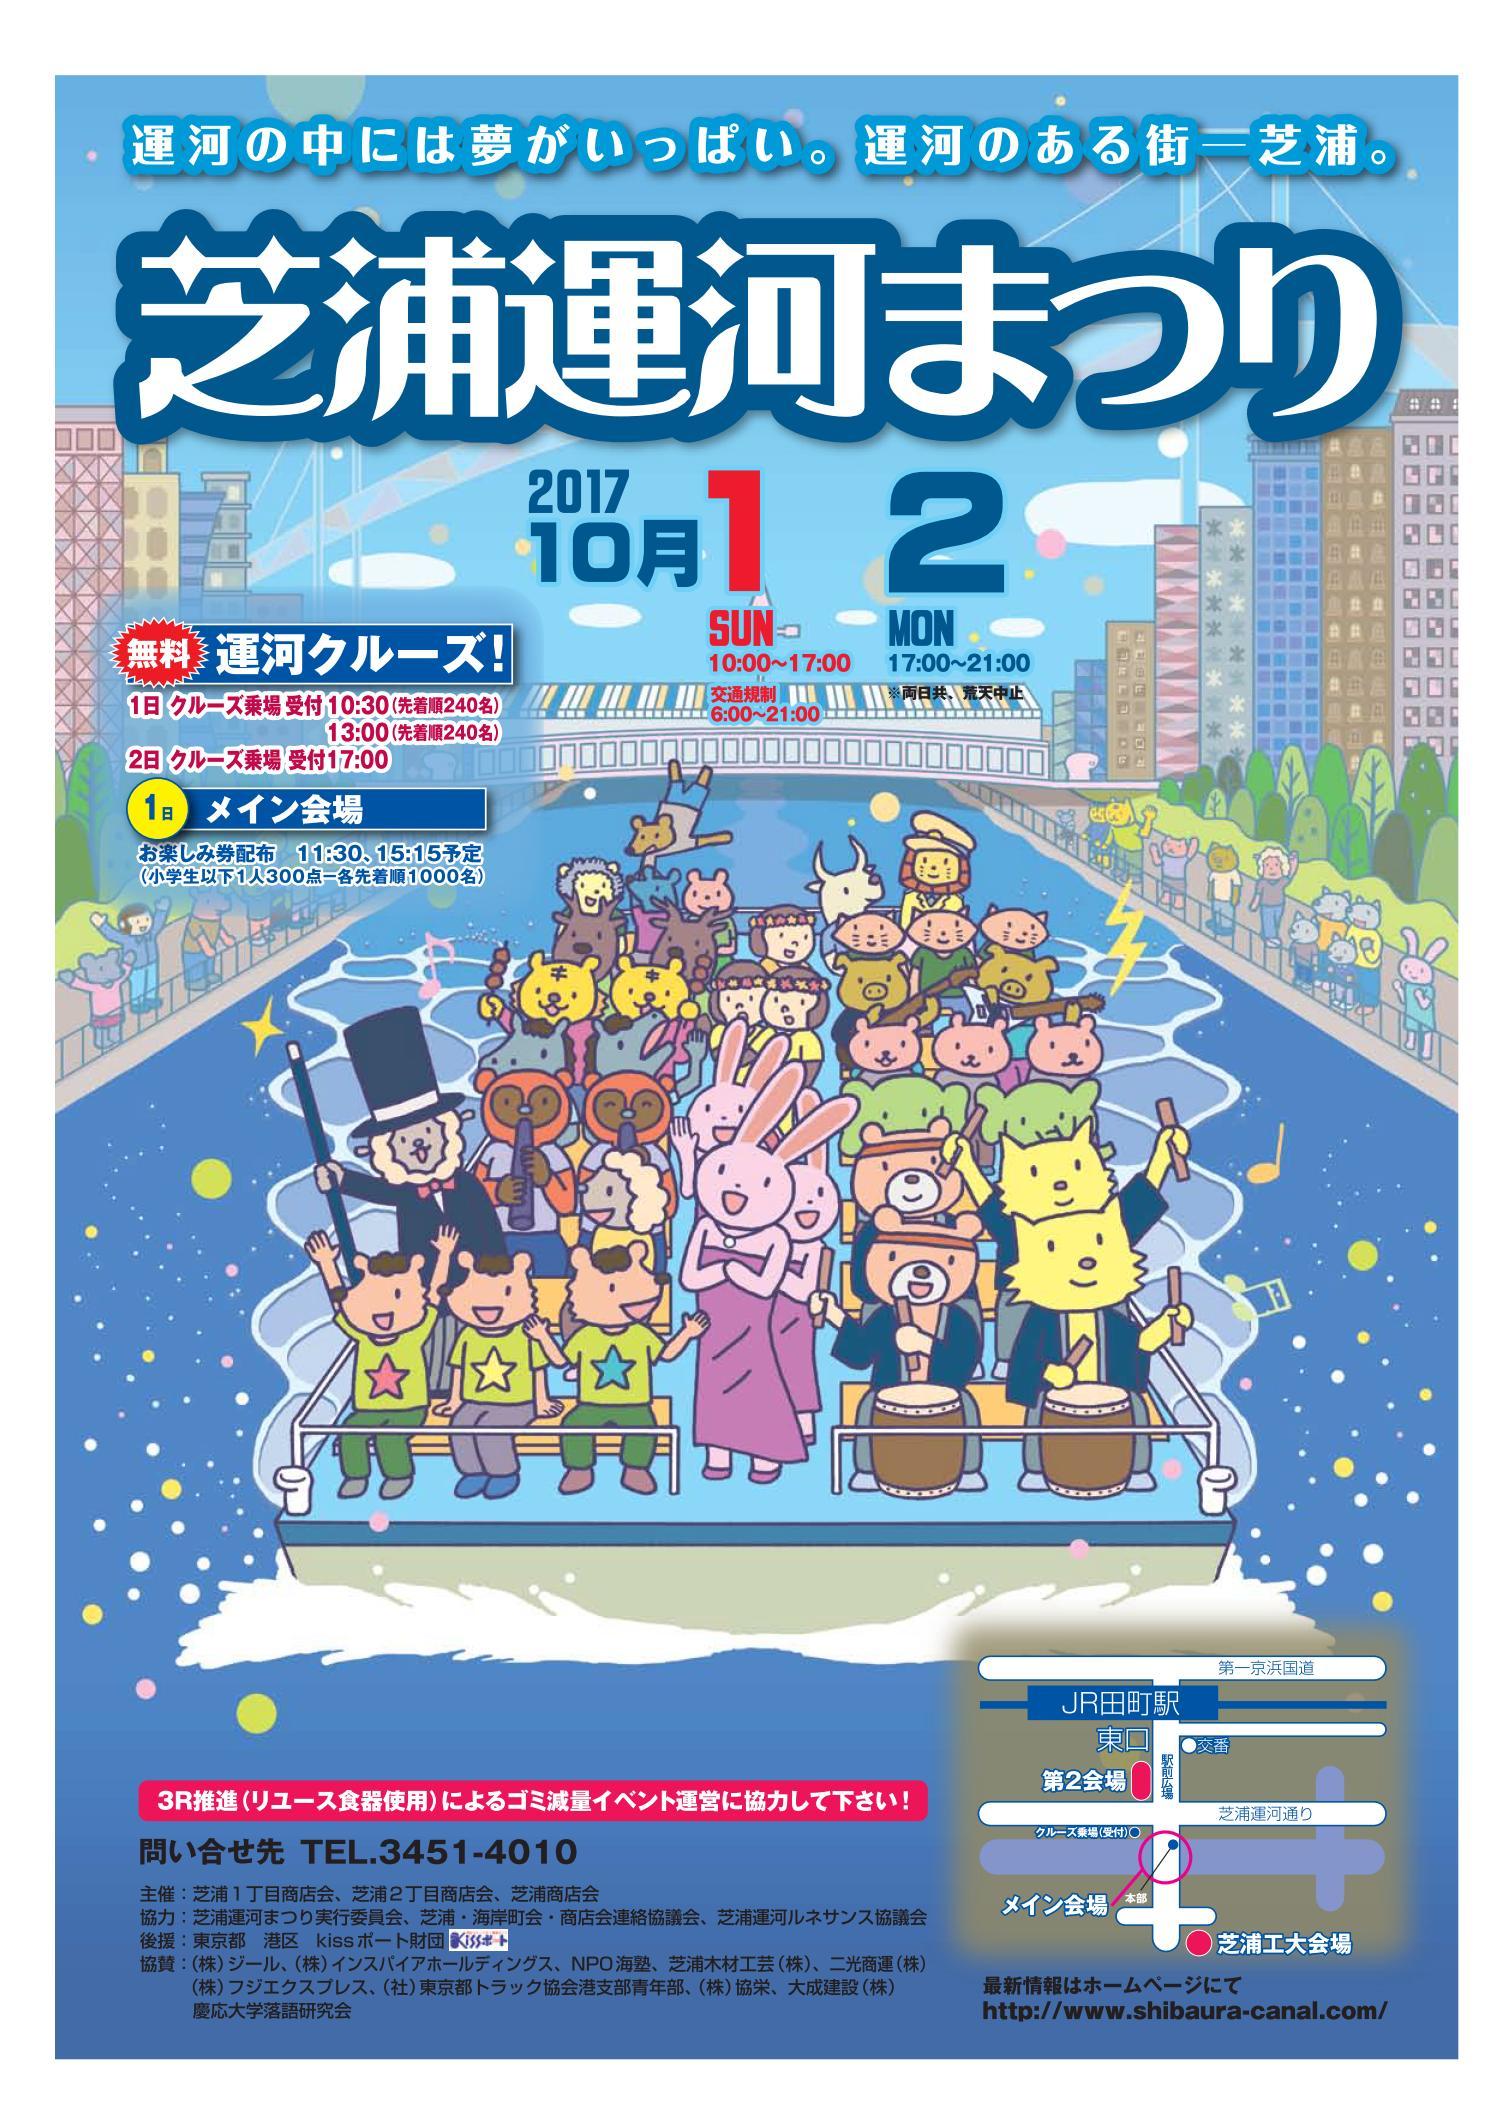 芝浦運河まつり2017ポスター